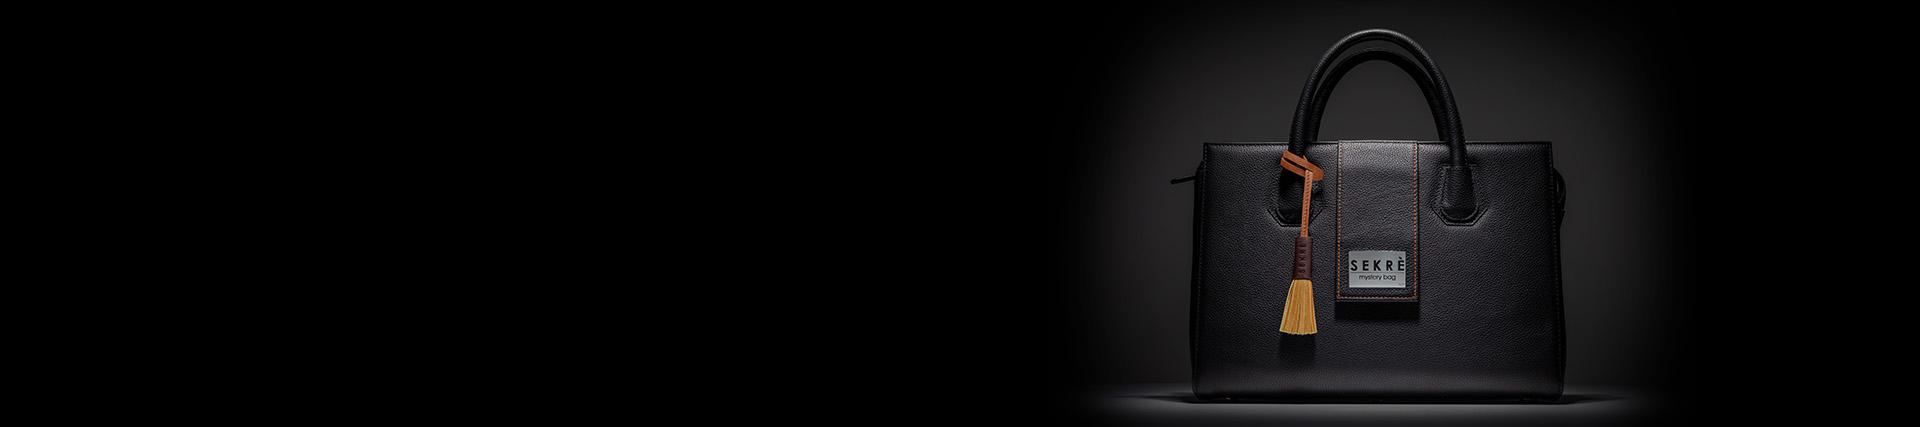 Luxus-Handtasche mit Artefakt von Grace Kelly